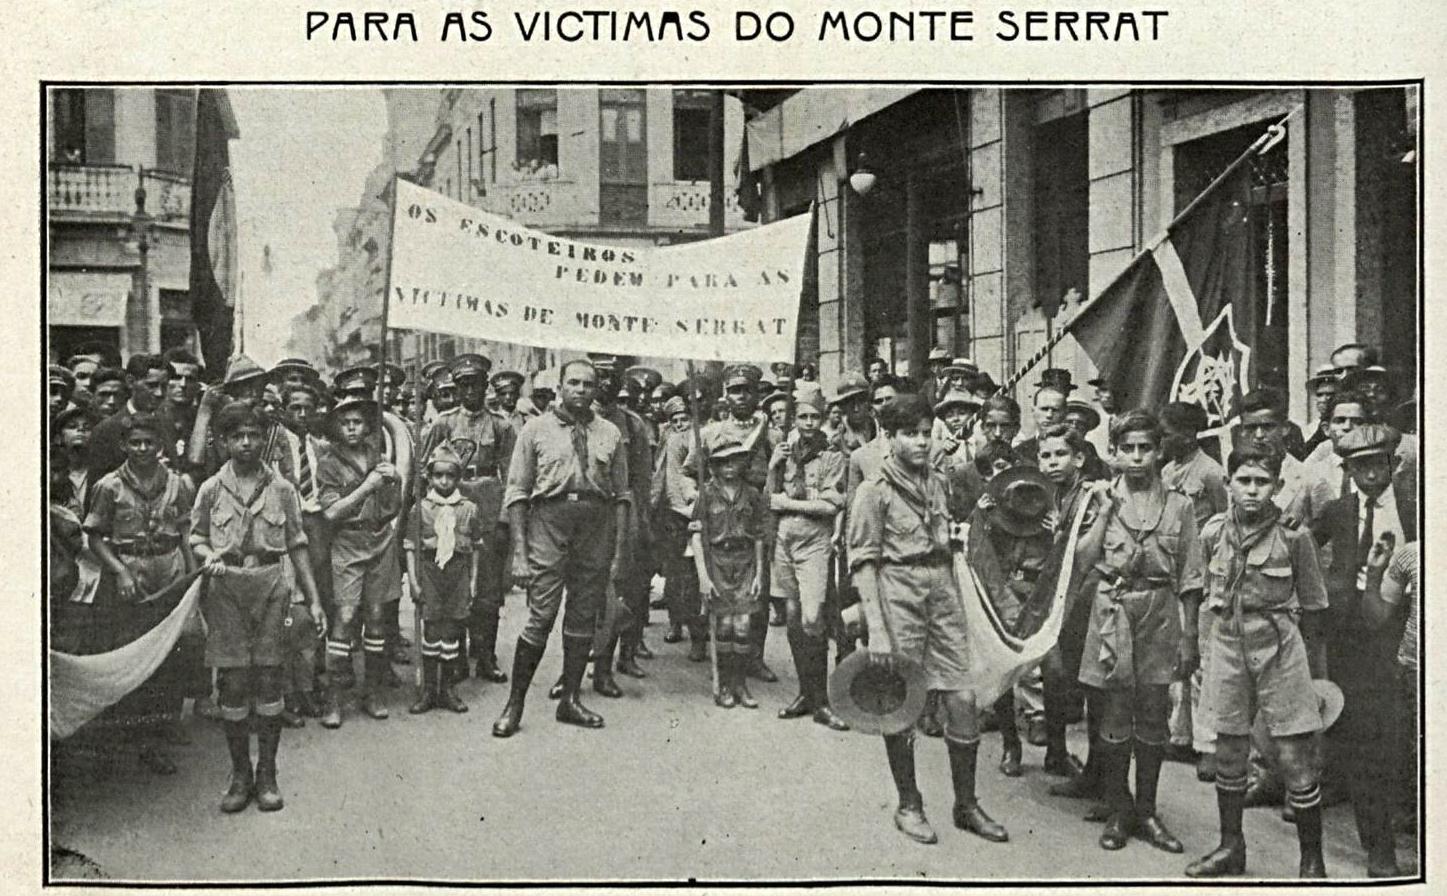 Por todo o Brasil, grupos se reuniram para angariar recursos às vítimas e à Santa Casa. Na foto, os escoteiros do Rio de Janeiro.